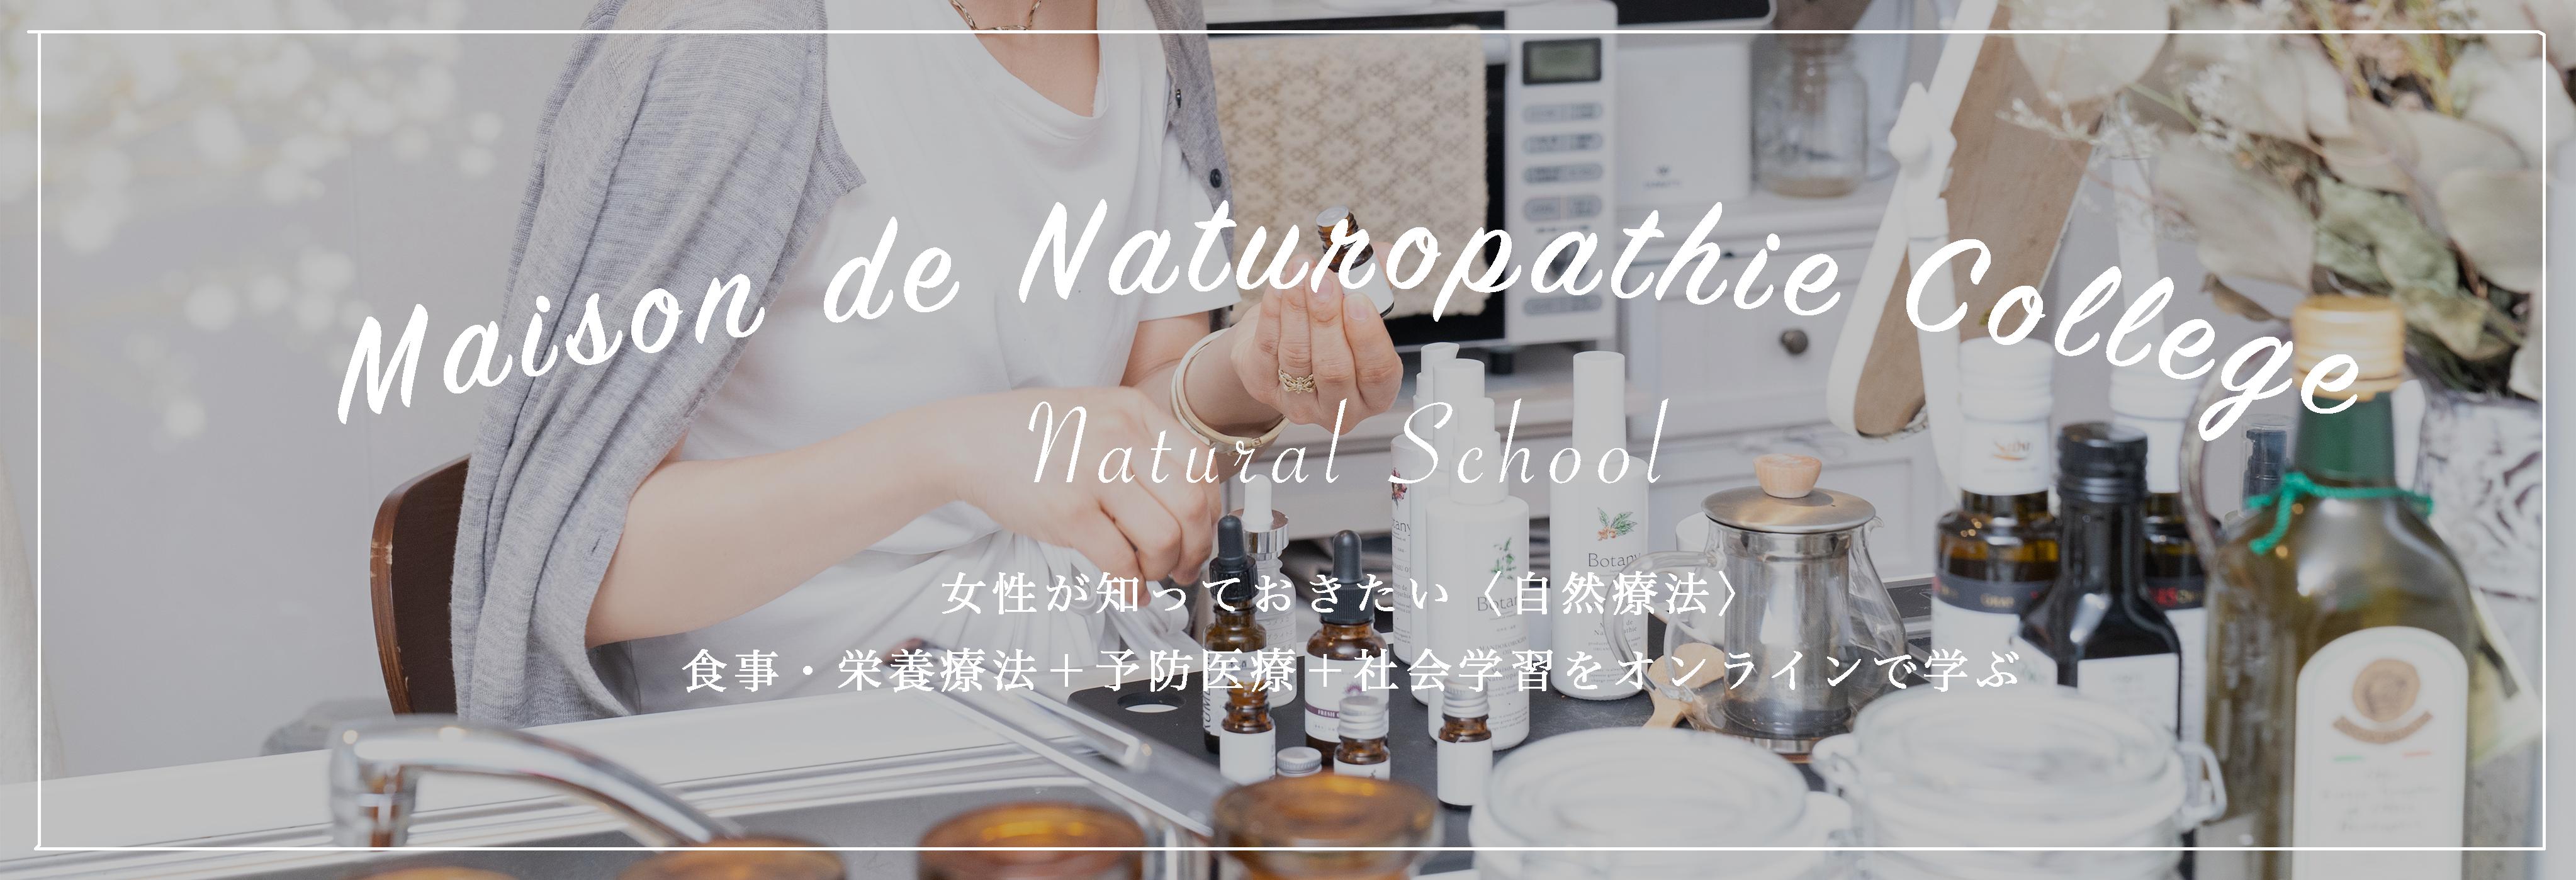 Maison de Naturopathie Collegeメゾンドナチュロパシーカレッジ